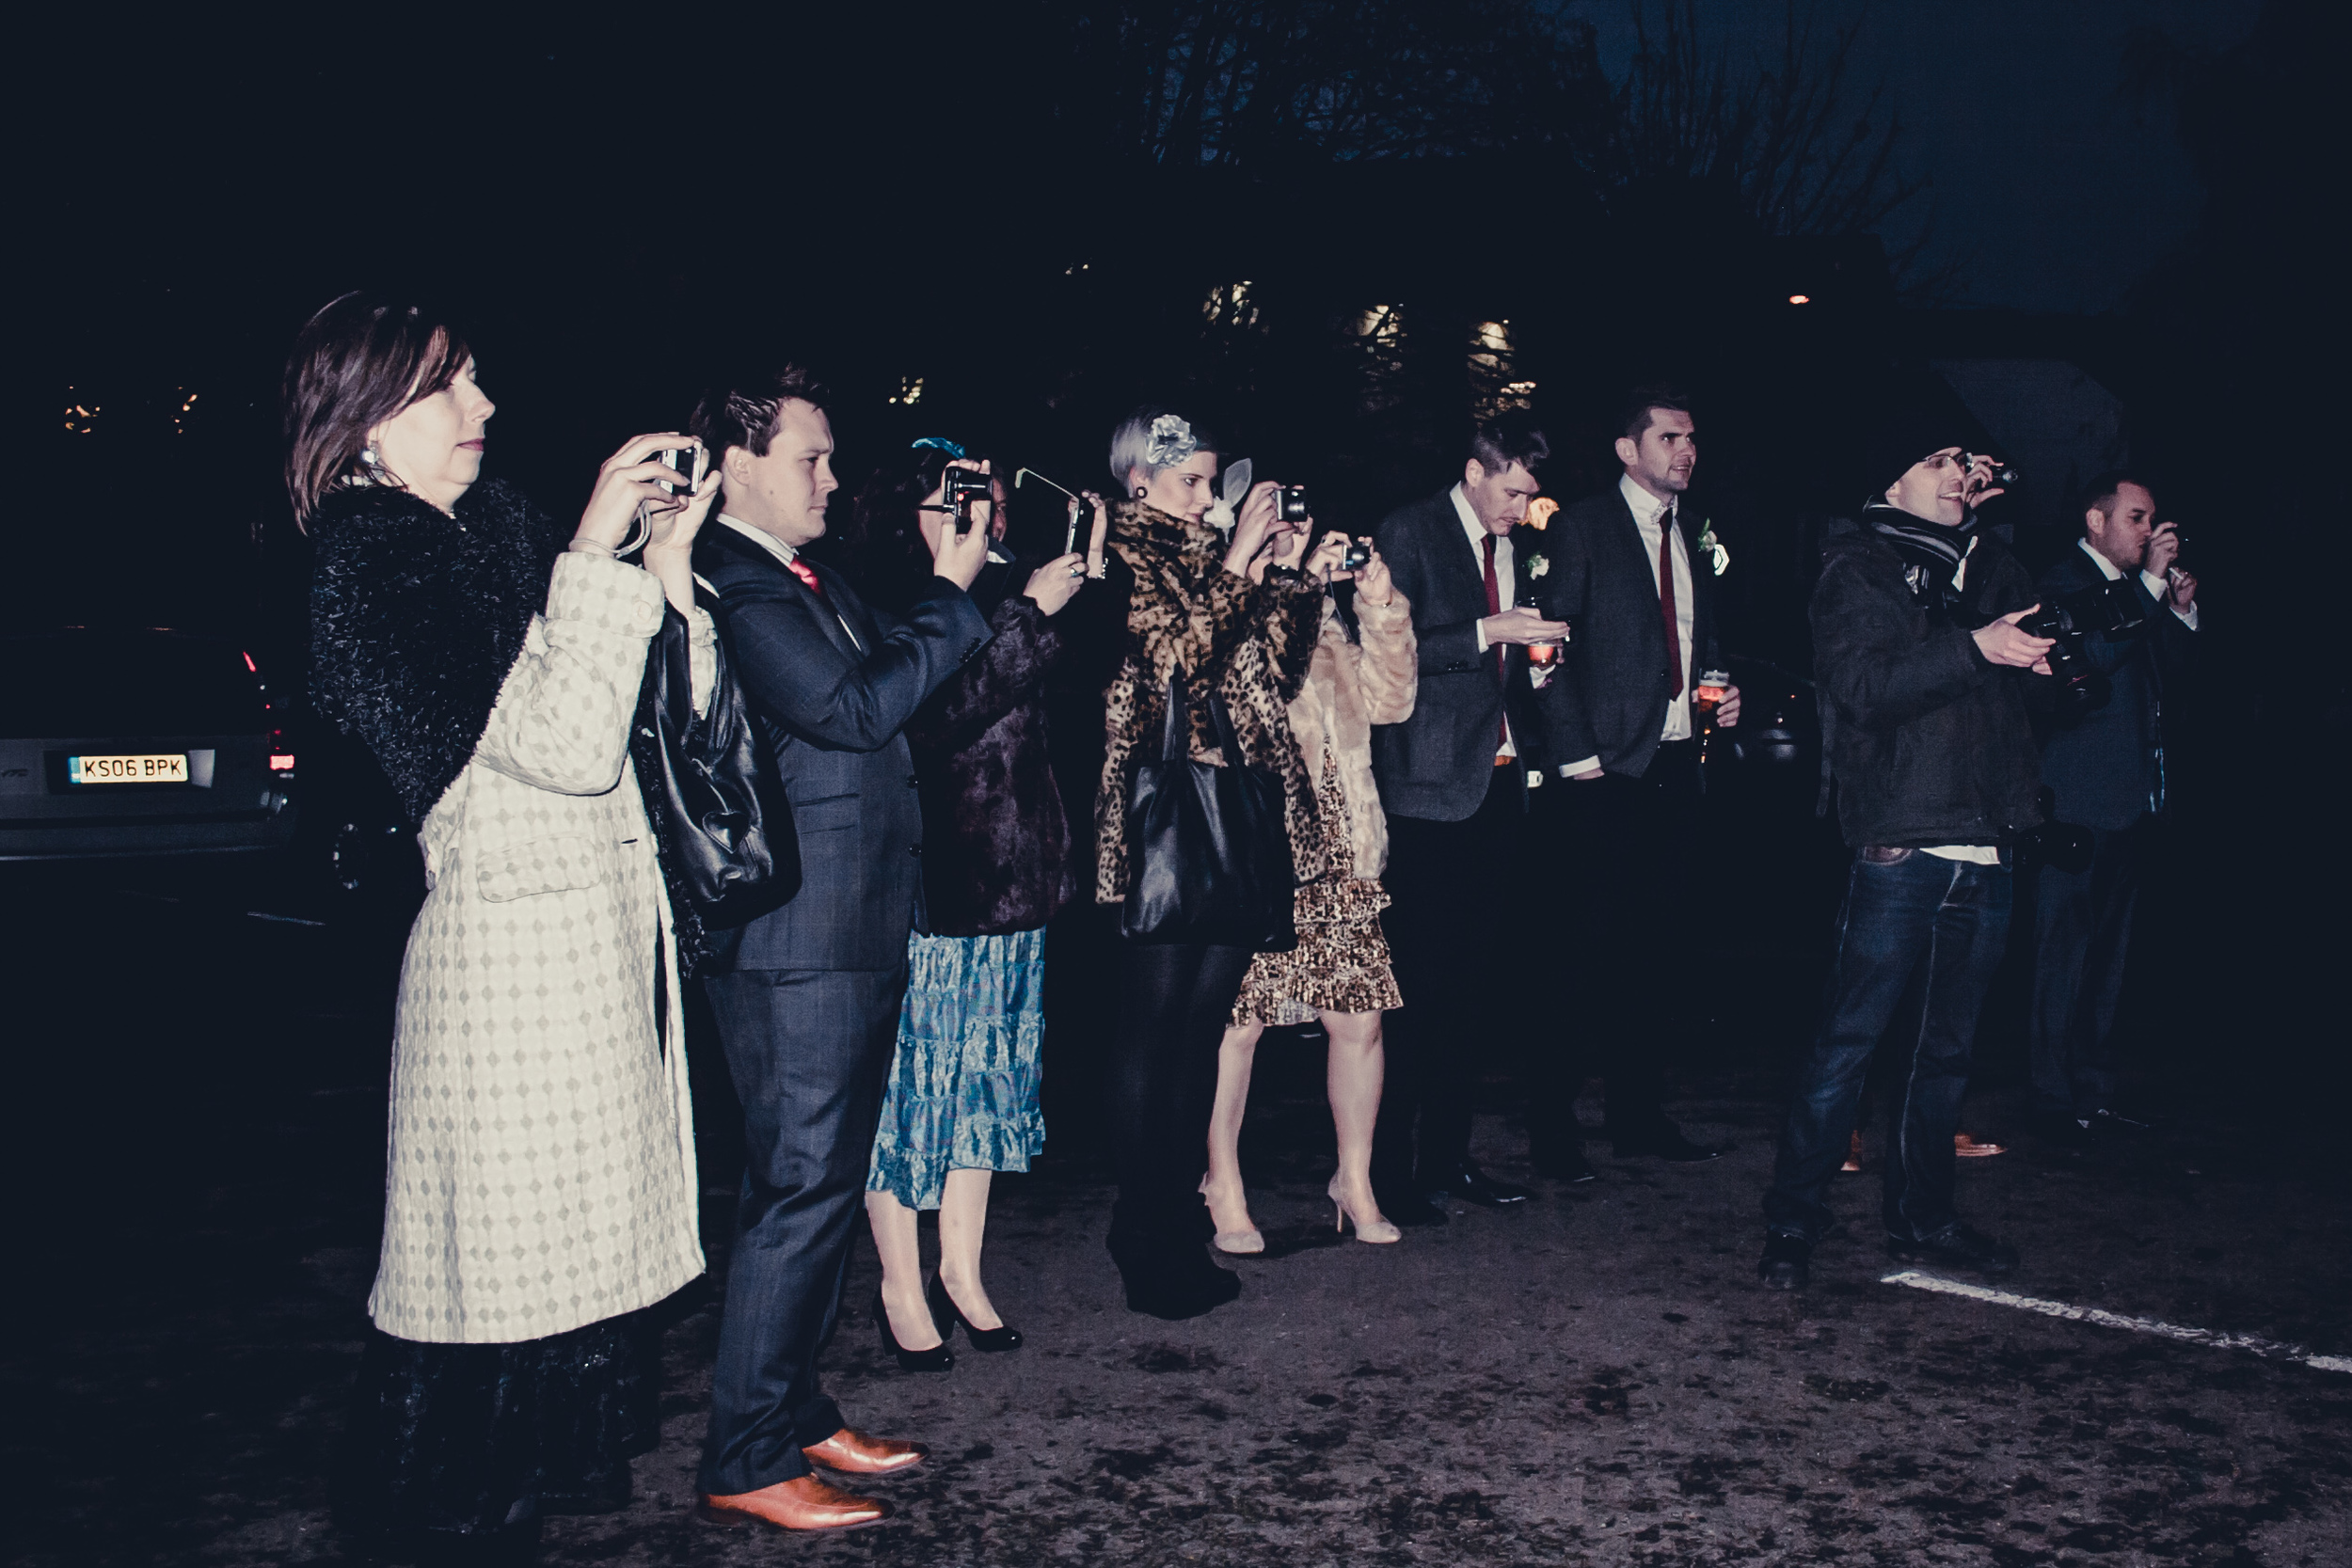 149 - Angela and Karls Wedding by www.markpugh.com -2267.jpg